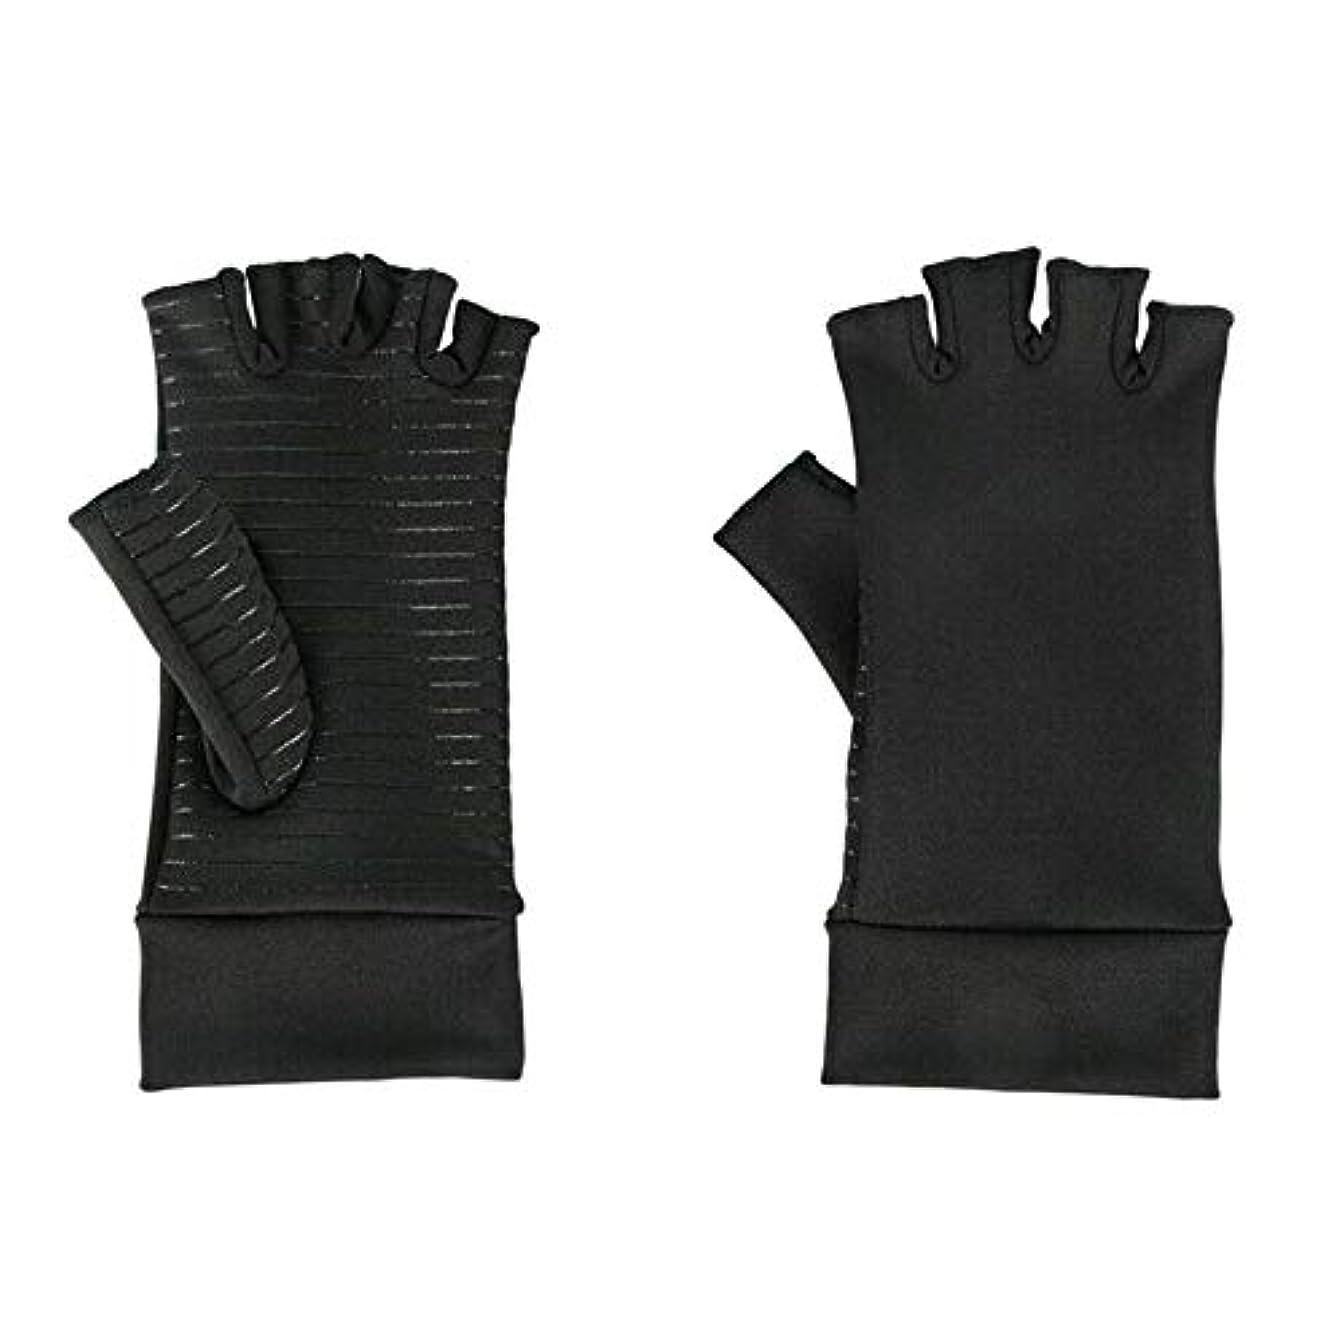 膨らみ二層組み込むSODIAL 圧縮手袋、関節炎、手根管、手首の装具、サポート、S